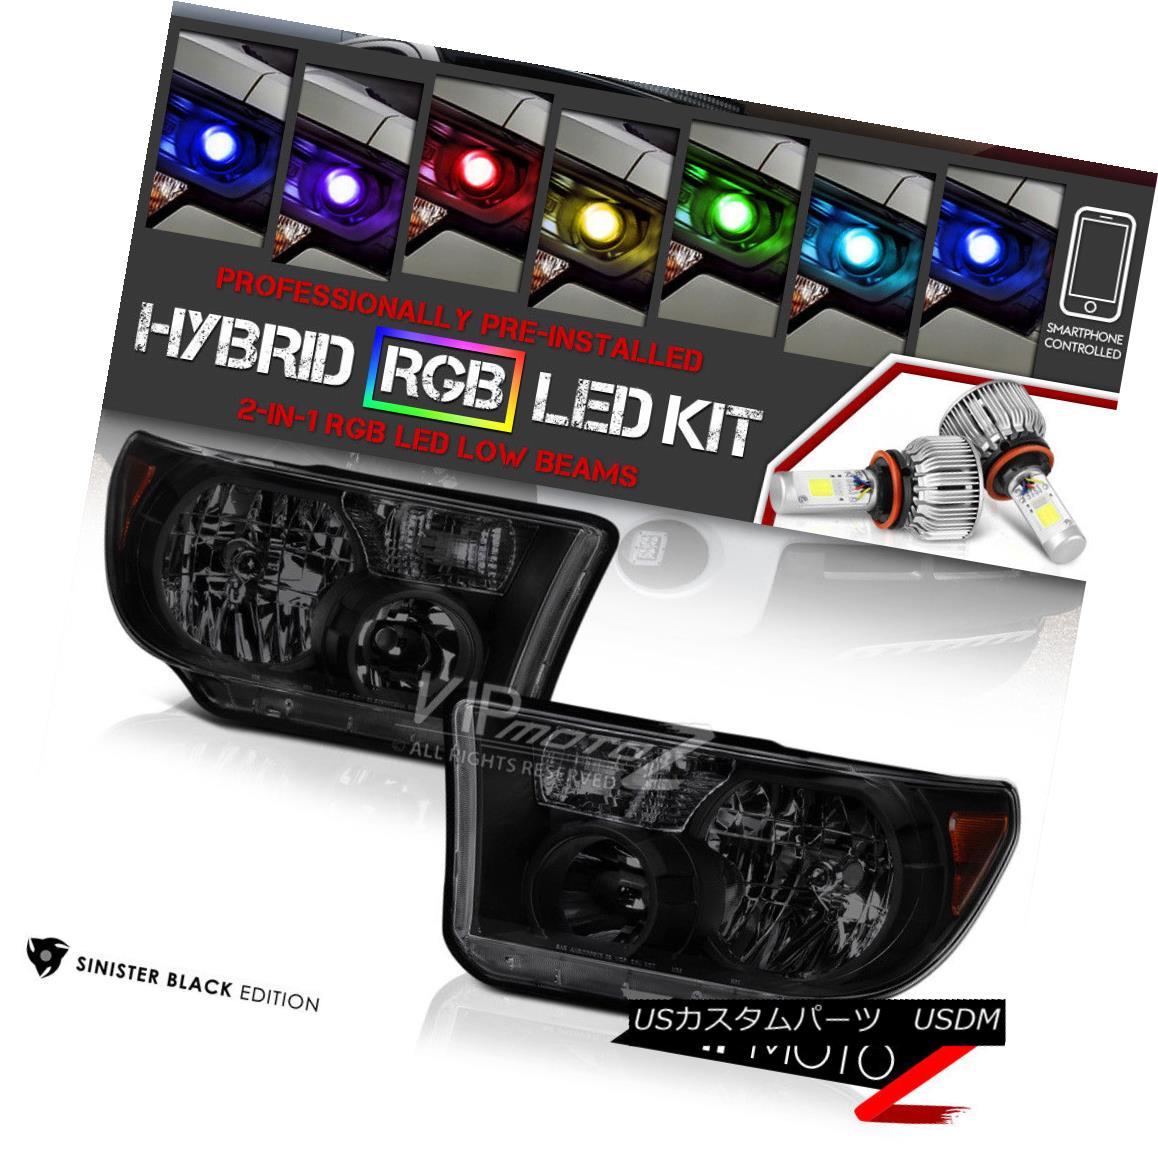 ヘッドライト 07-13 Toyota Tundra [ALL MODEL] Front Headlights [FLASHING MULTI-COLOR LOW BEAM] 07-13トヨタ・トンドラ[ALL MODEL]フロント・ヘッドライト[マルチ・カラー・ロウ・ビームの点滅]